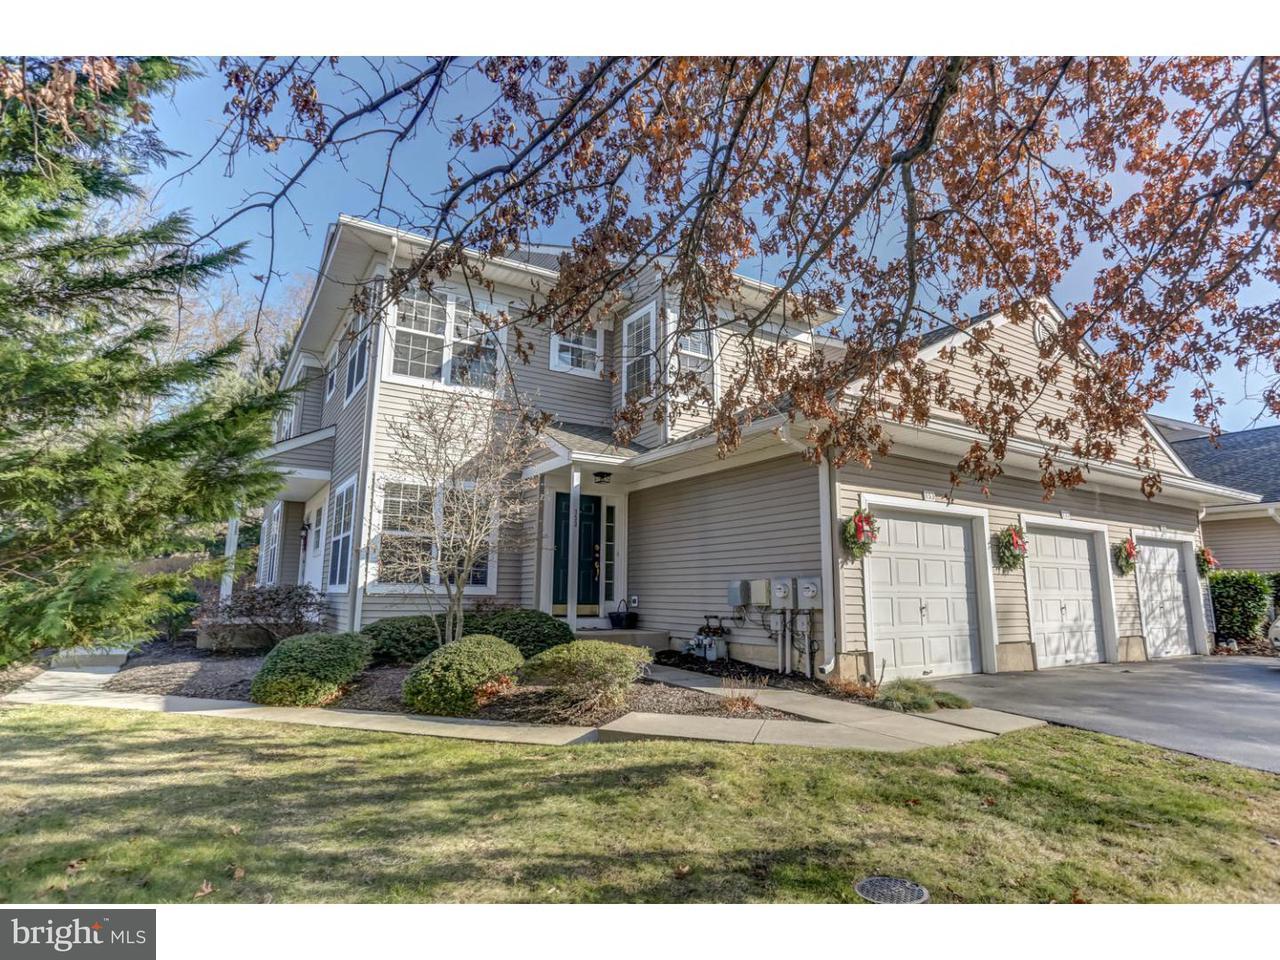 Casa Unifamiliar por un Alquiler en 153 STEWARTS CT #505 Phoenixville, Pennsylvania 19460 Estados Unidos